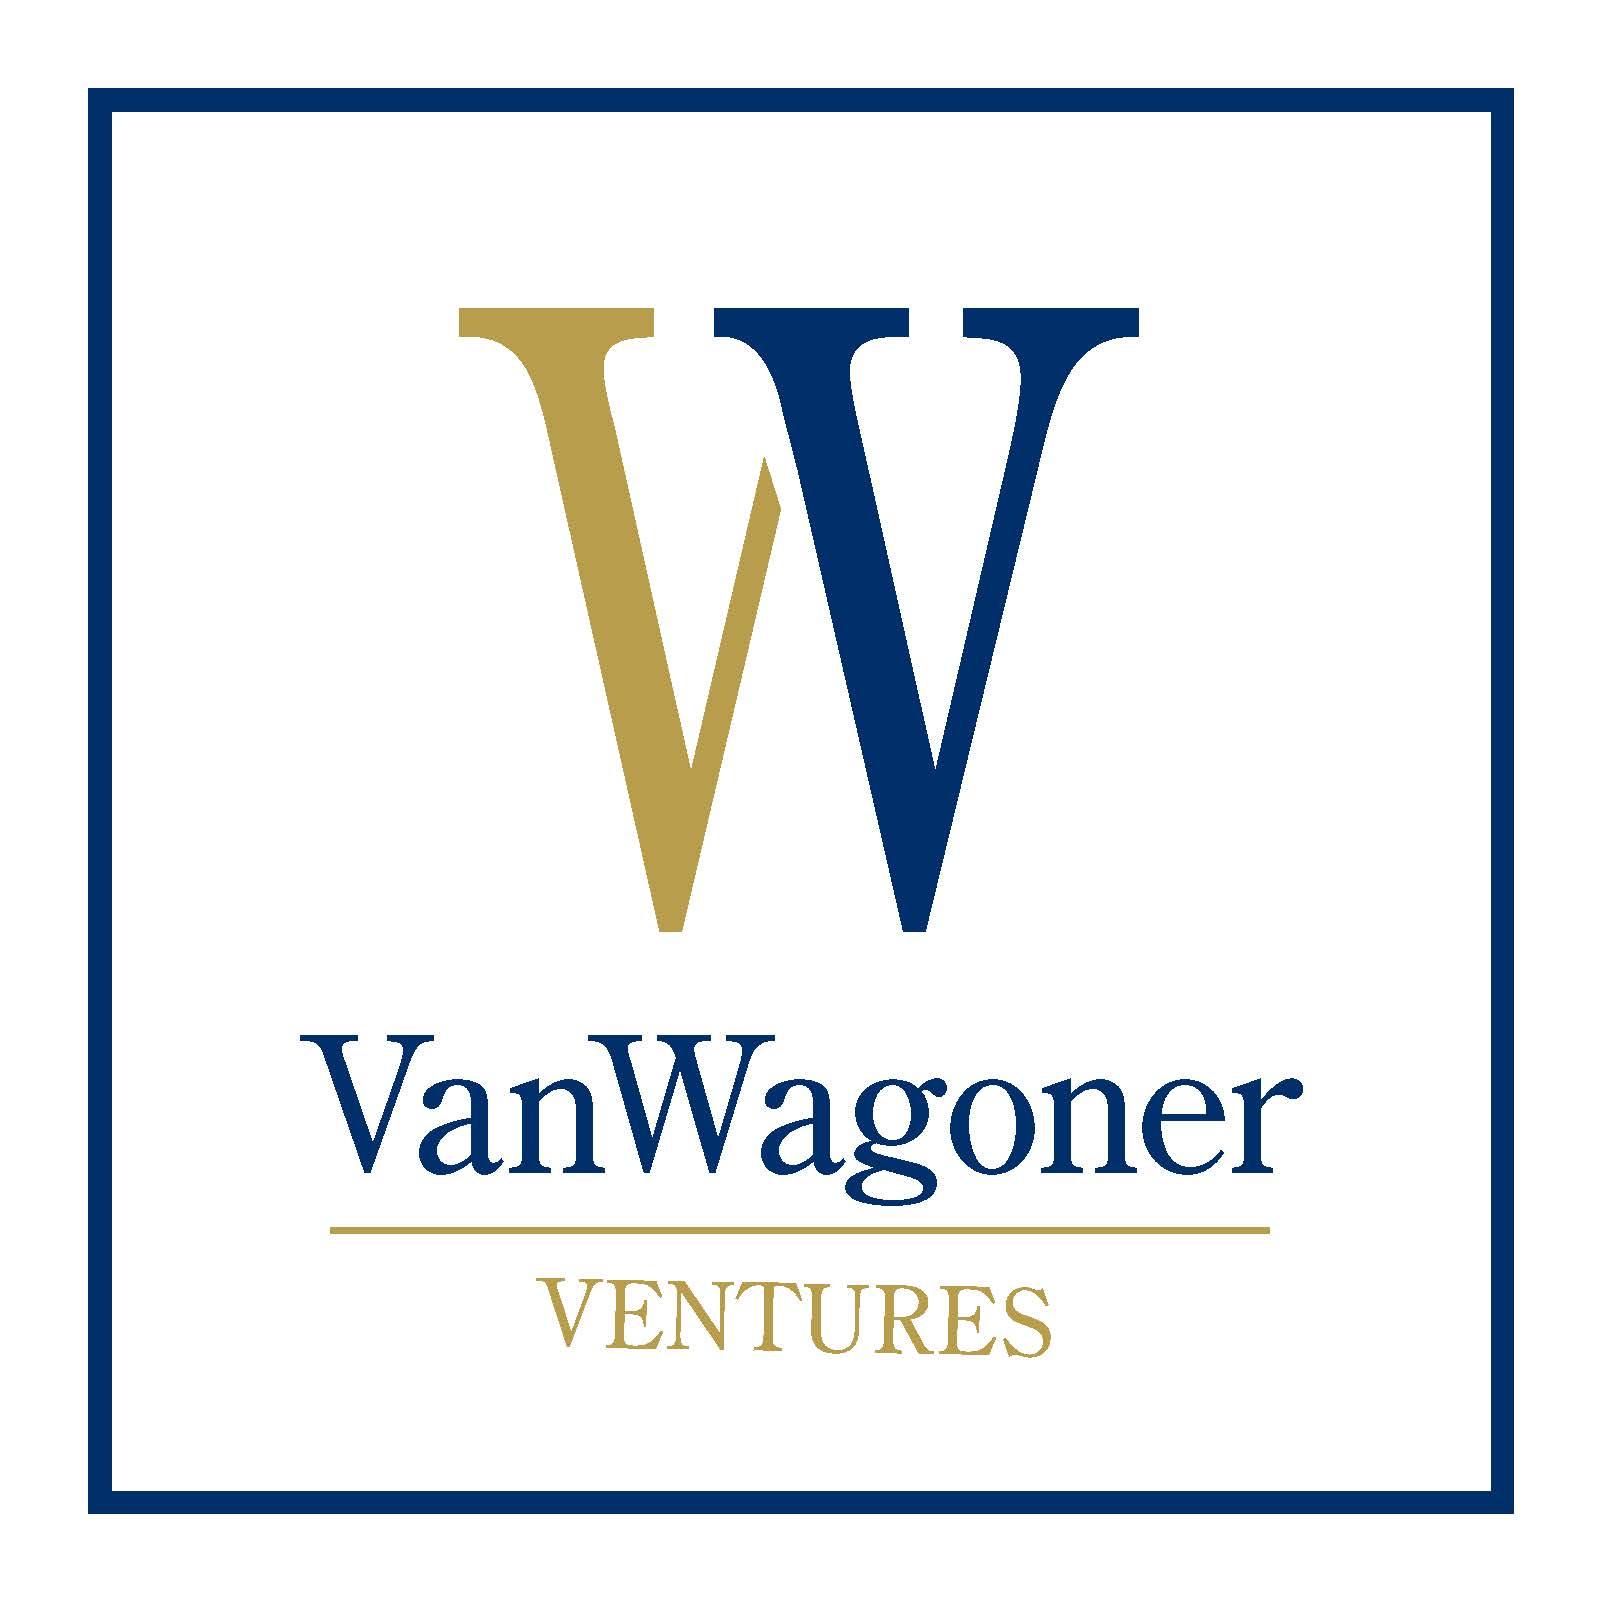 Etradewire News Van Wagoner Ventures Receives Dagda Certification